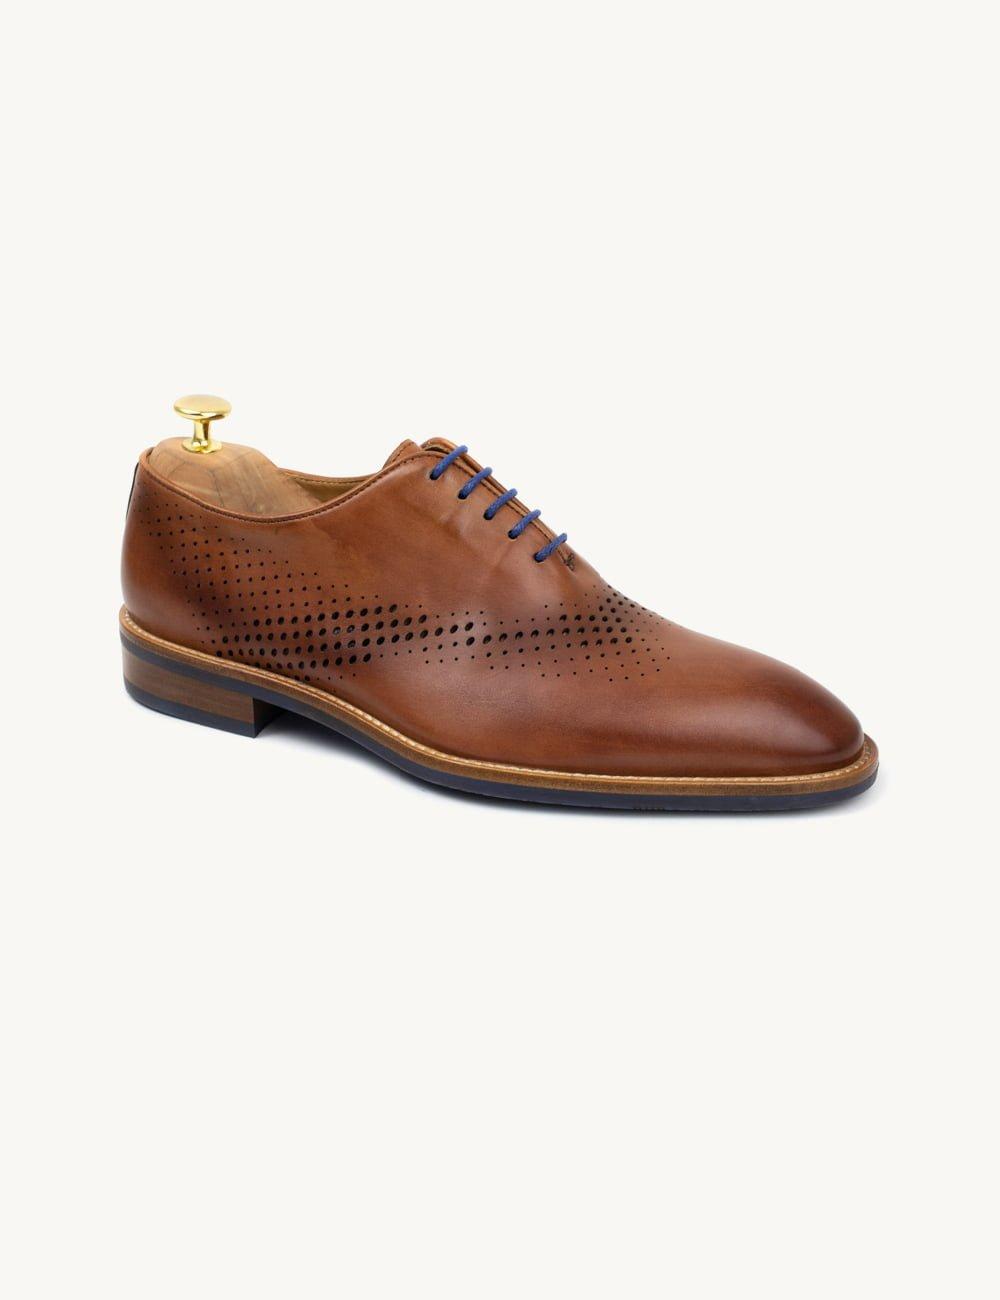 Para os dias mais bonitos do ano escolha os melhores sapatos de verão para homem - Sapataria do Carmo